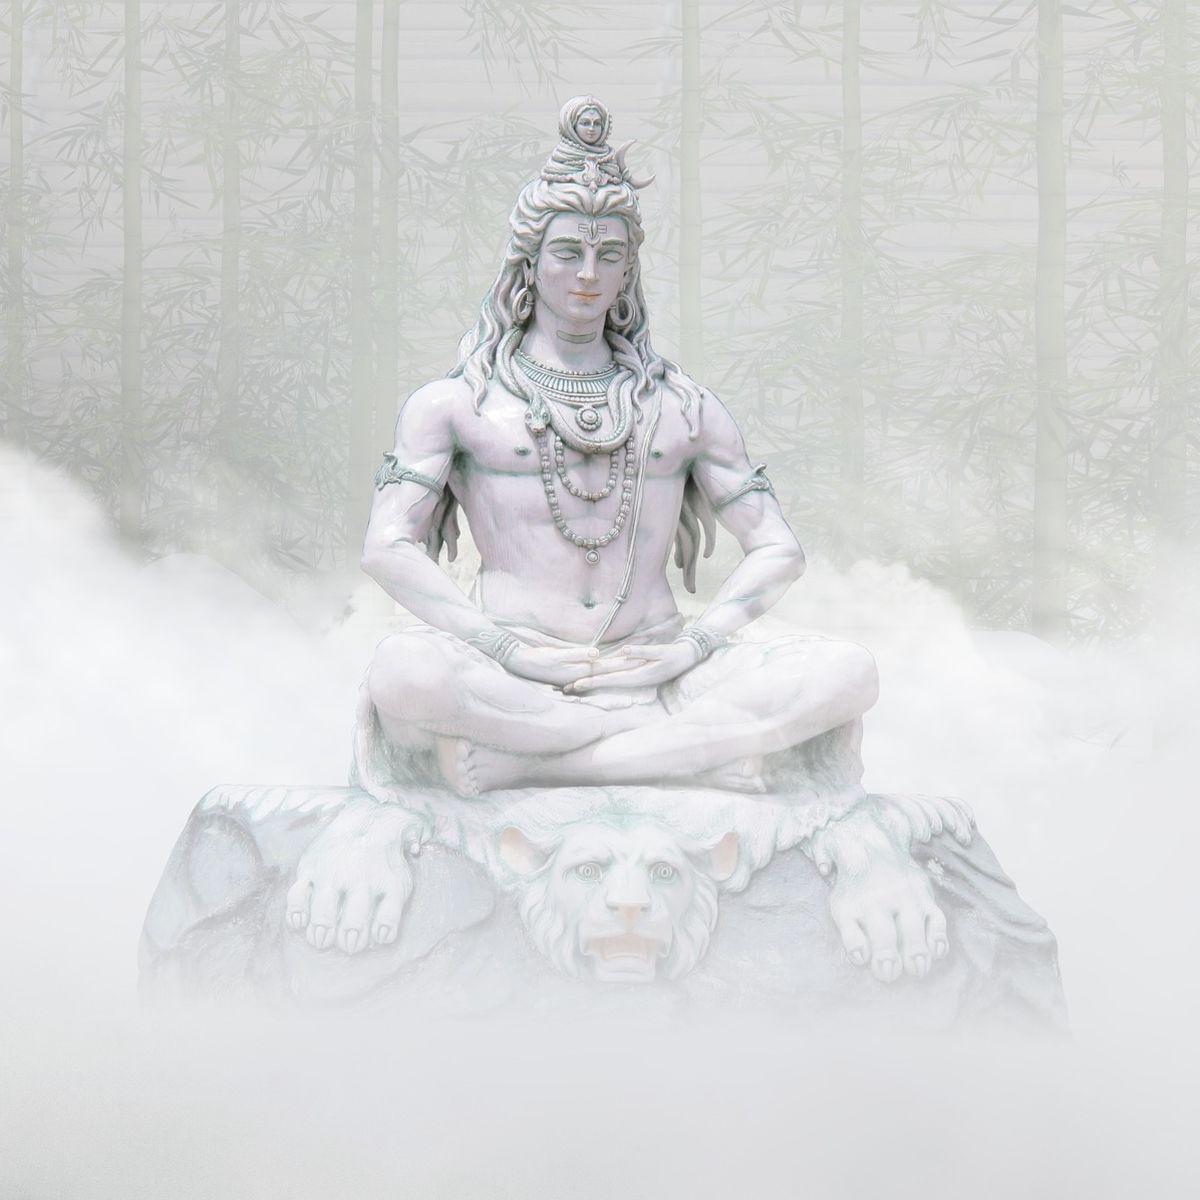 Shiva statue in clouds